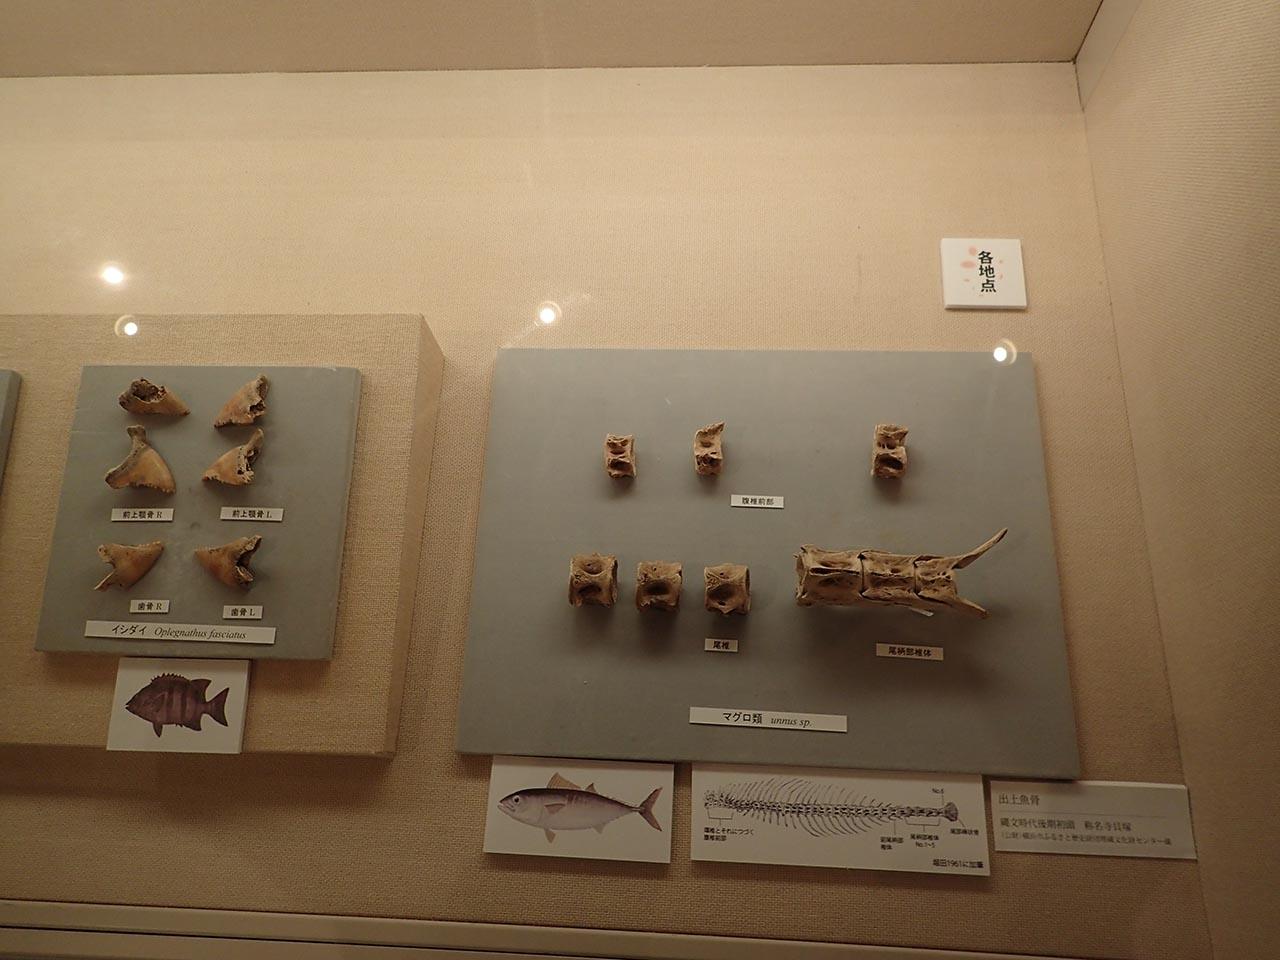 横浜市歴史博物館「称名寺貝塚 土器とイルカと縄文人」展